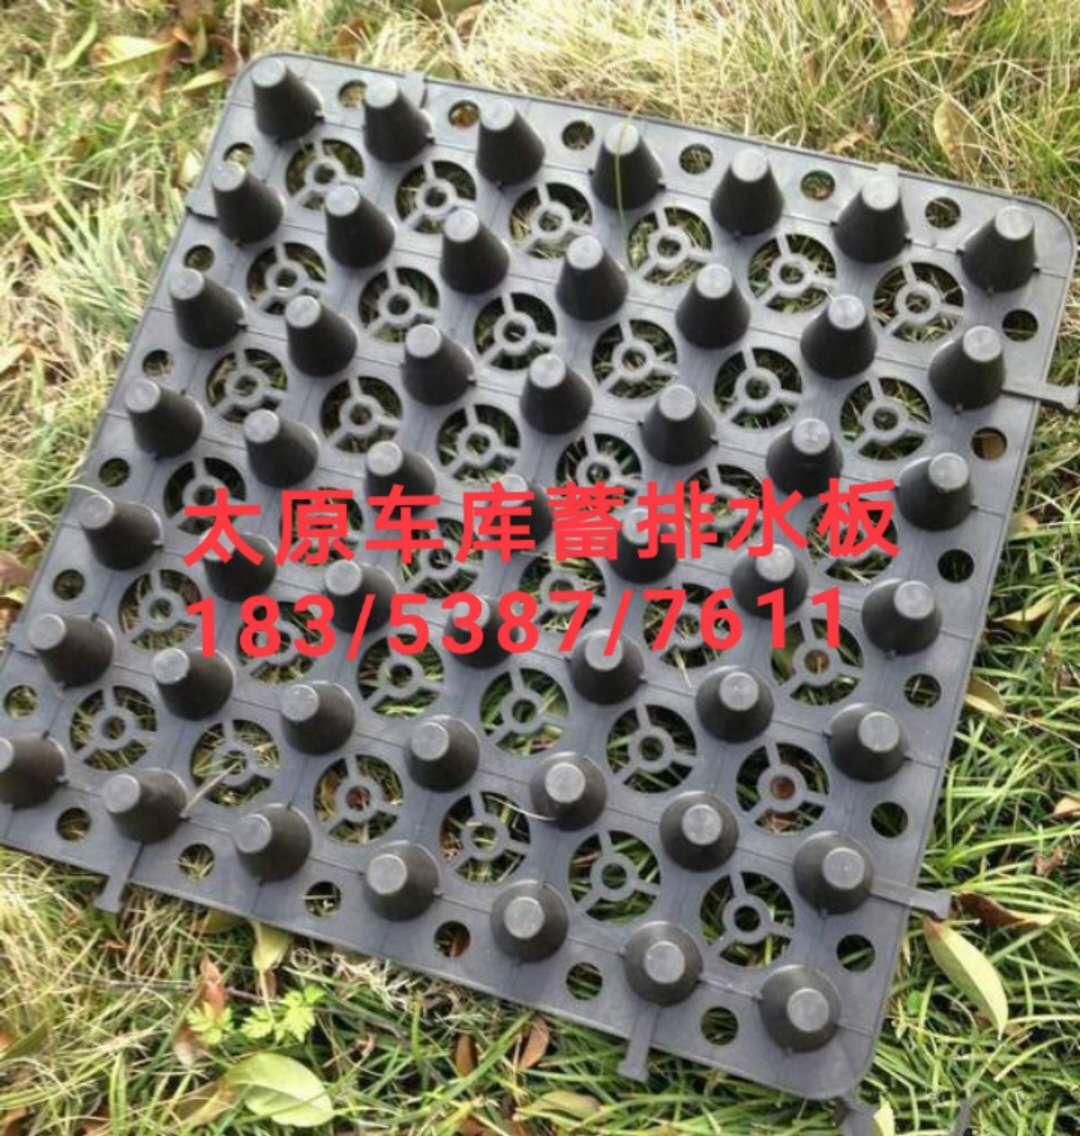 车库排水板/太原车库蓄排水板/山西排水板厂家